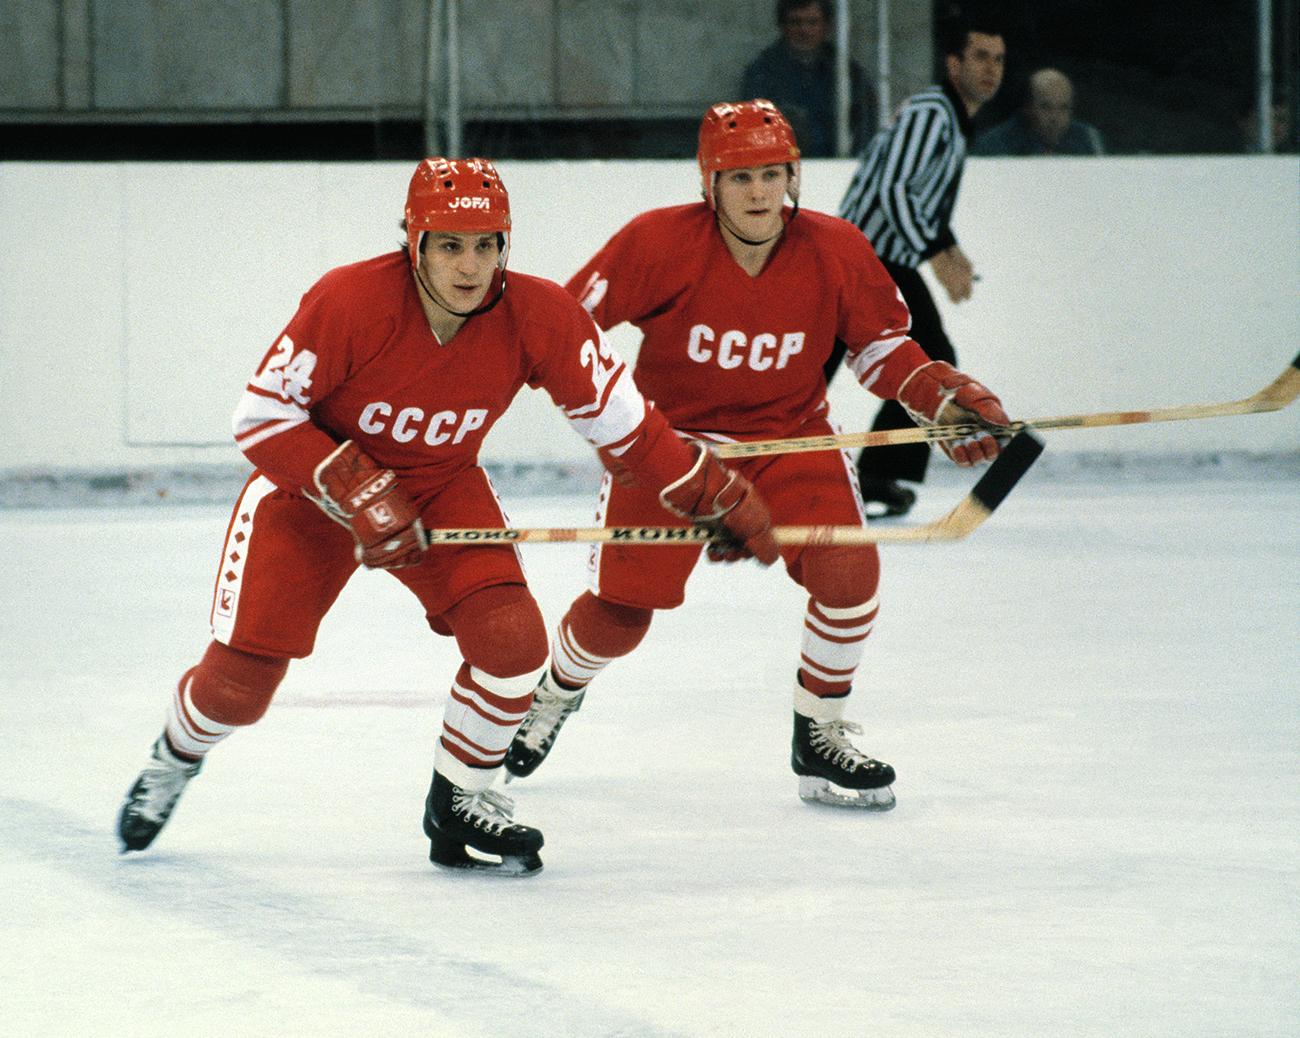 Moskva. Sergej Makarov (levo) in Viktor Tjumenjov, člana sovjetske hokejske reprezentance v akciji, 1982. /Igor Utkin, Aleksander Jakovljev/TASS